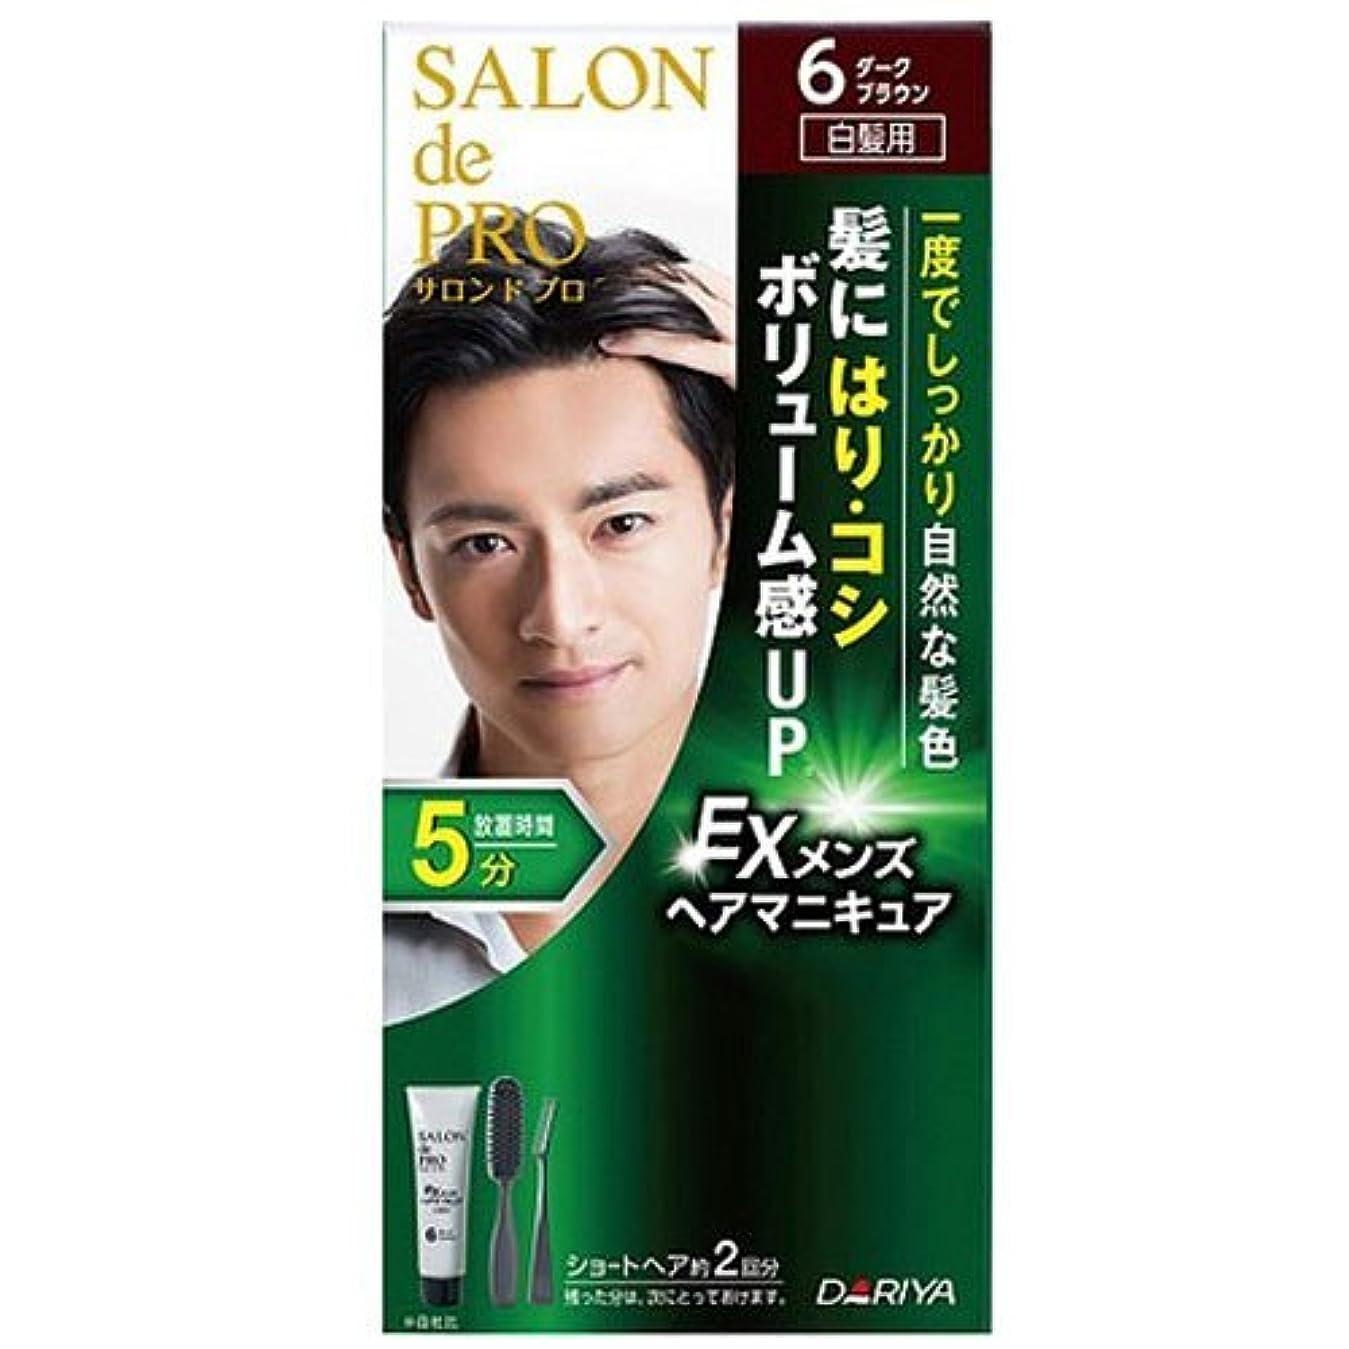 怠感夕方落胆したサロンドプロ EXメンズヘアマニキュア 白髪用 6 ダークブラウン